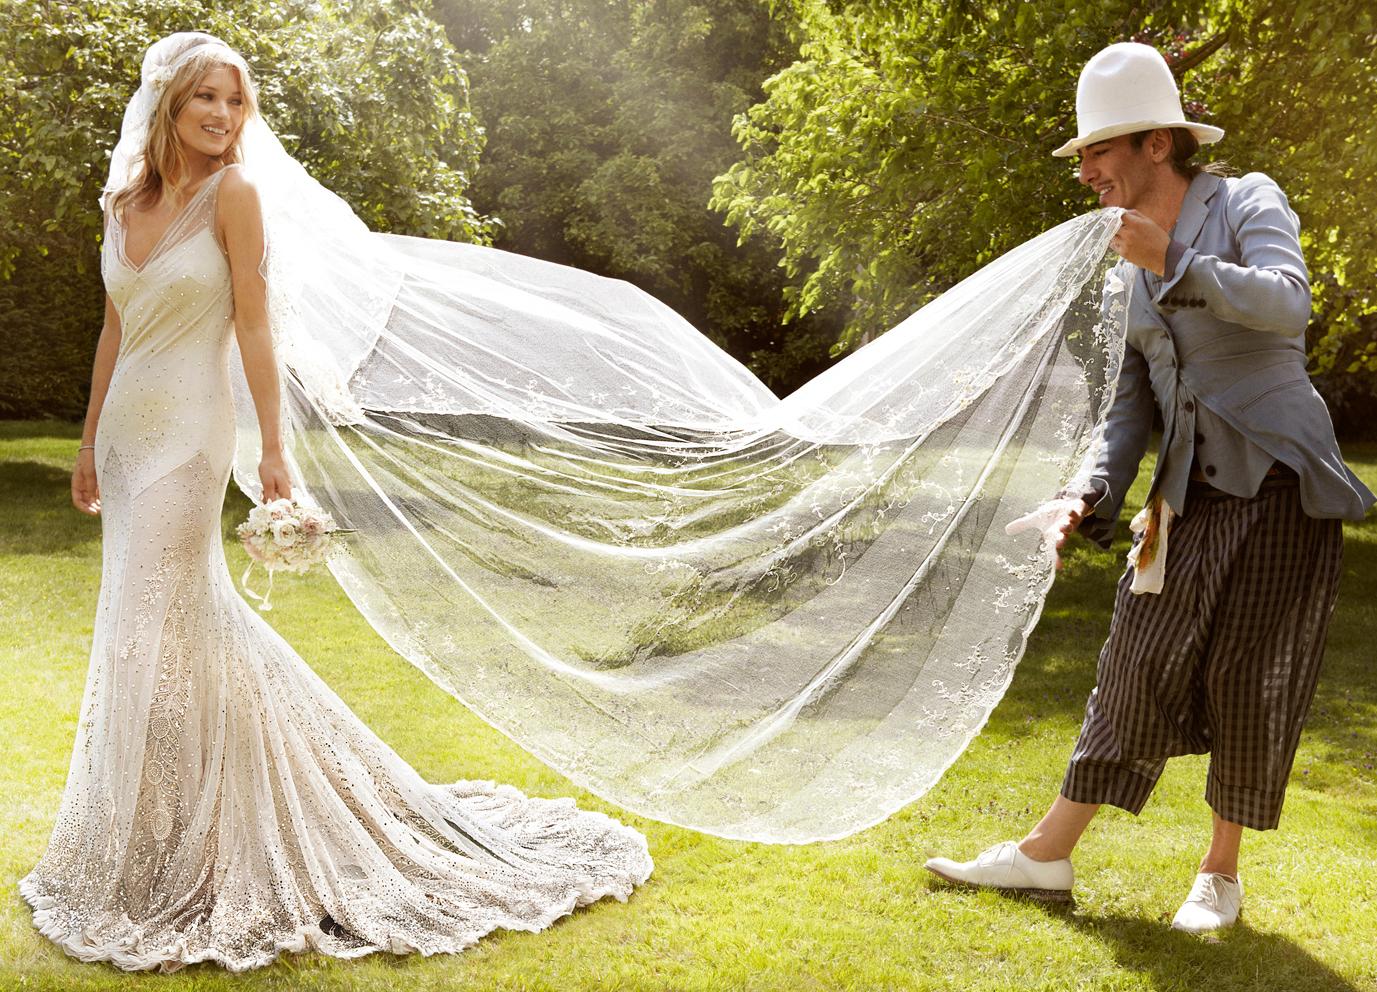 L'abito Boho Chic di Kate Moss